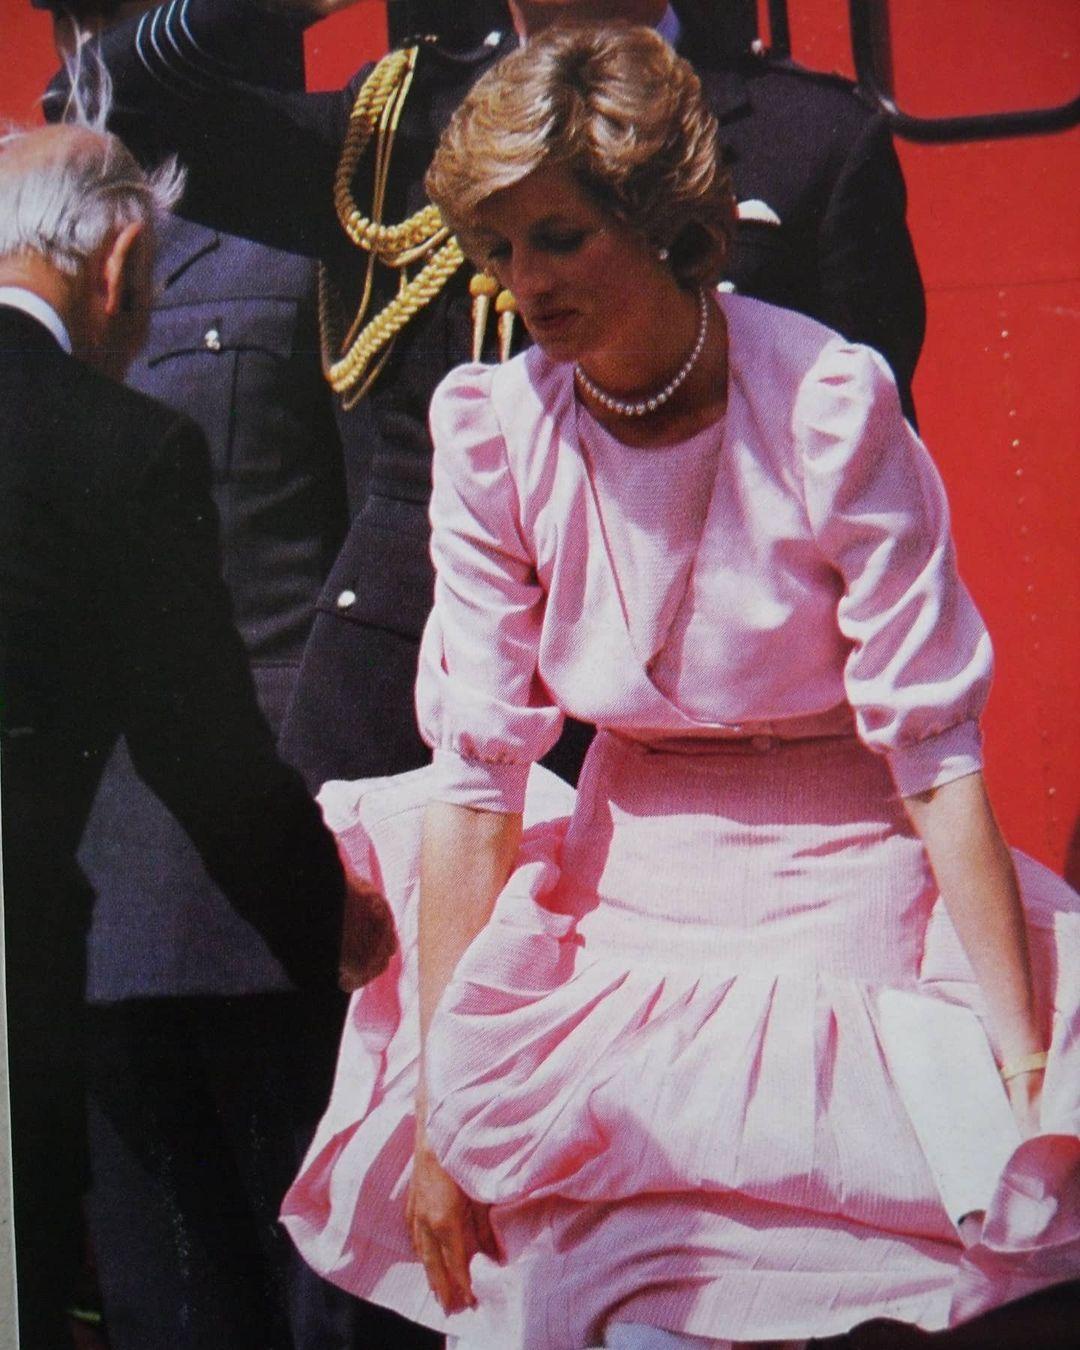 Đến Công nương Diana còn gặp sự cố váy áo này, huống chi là Kate Middleton - Ảnh 2.